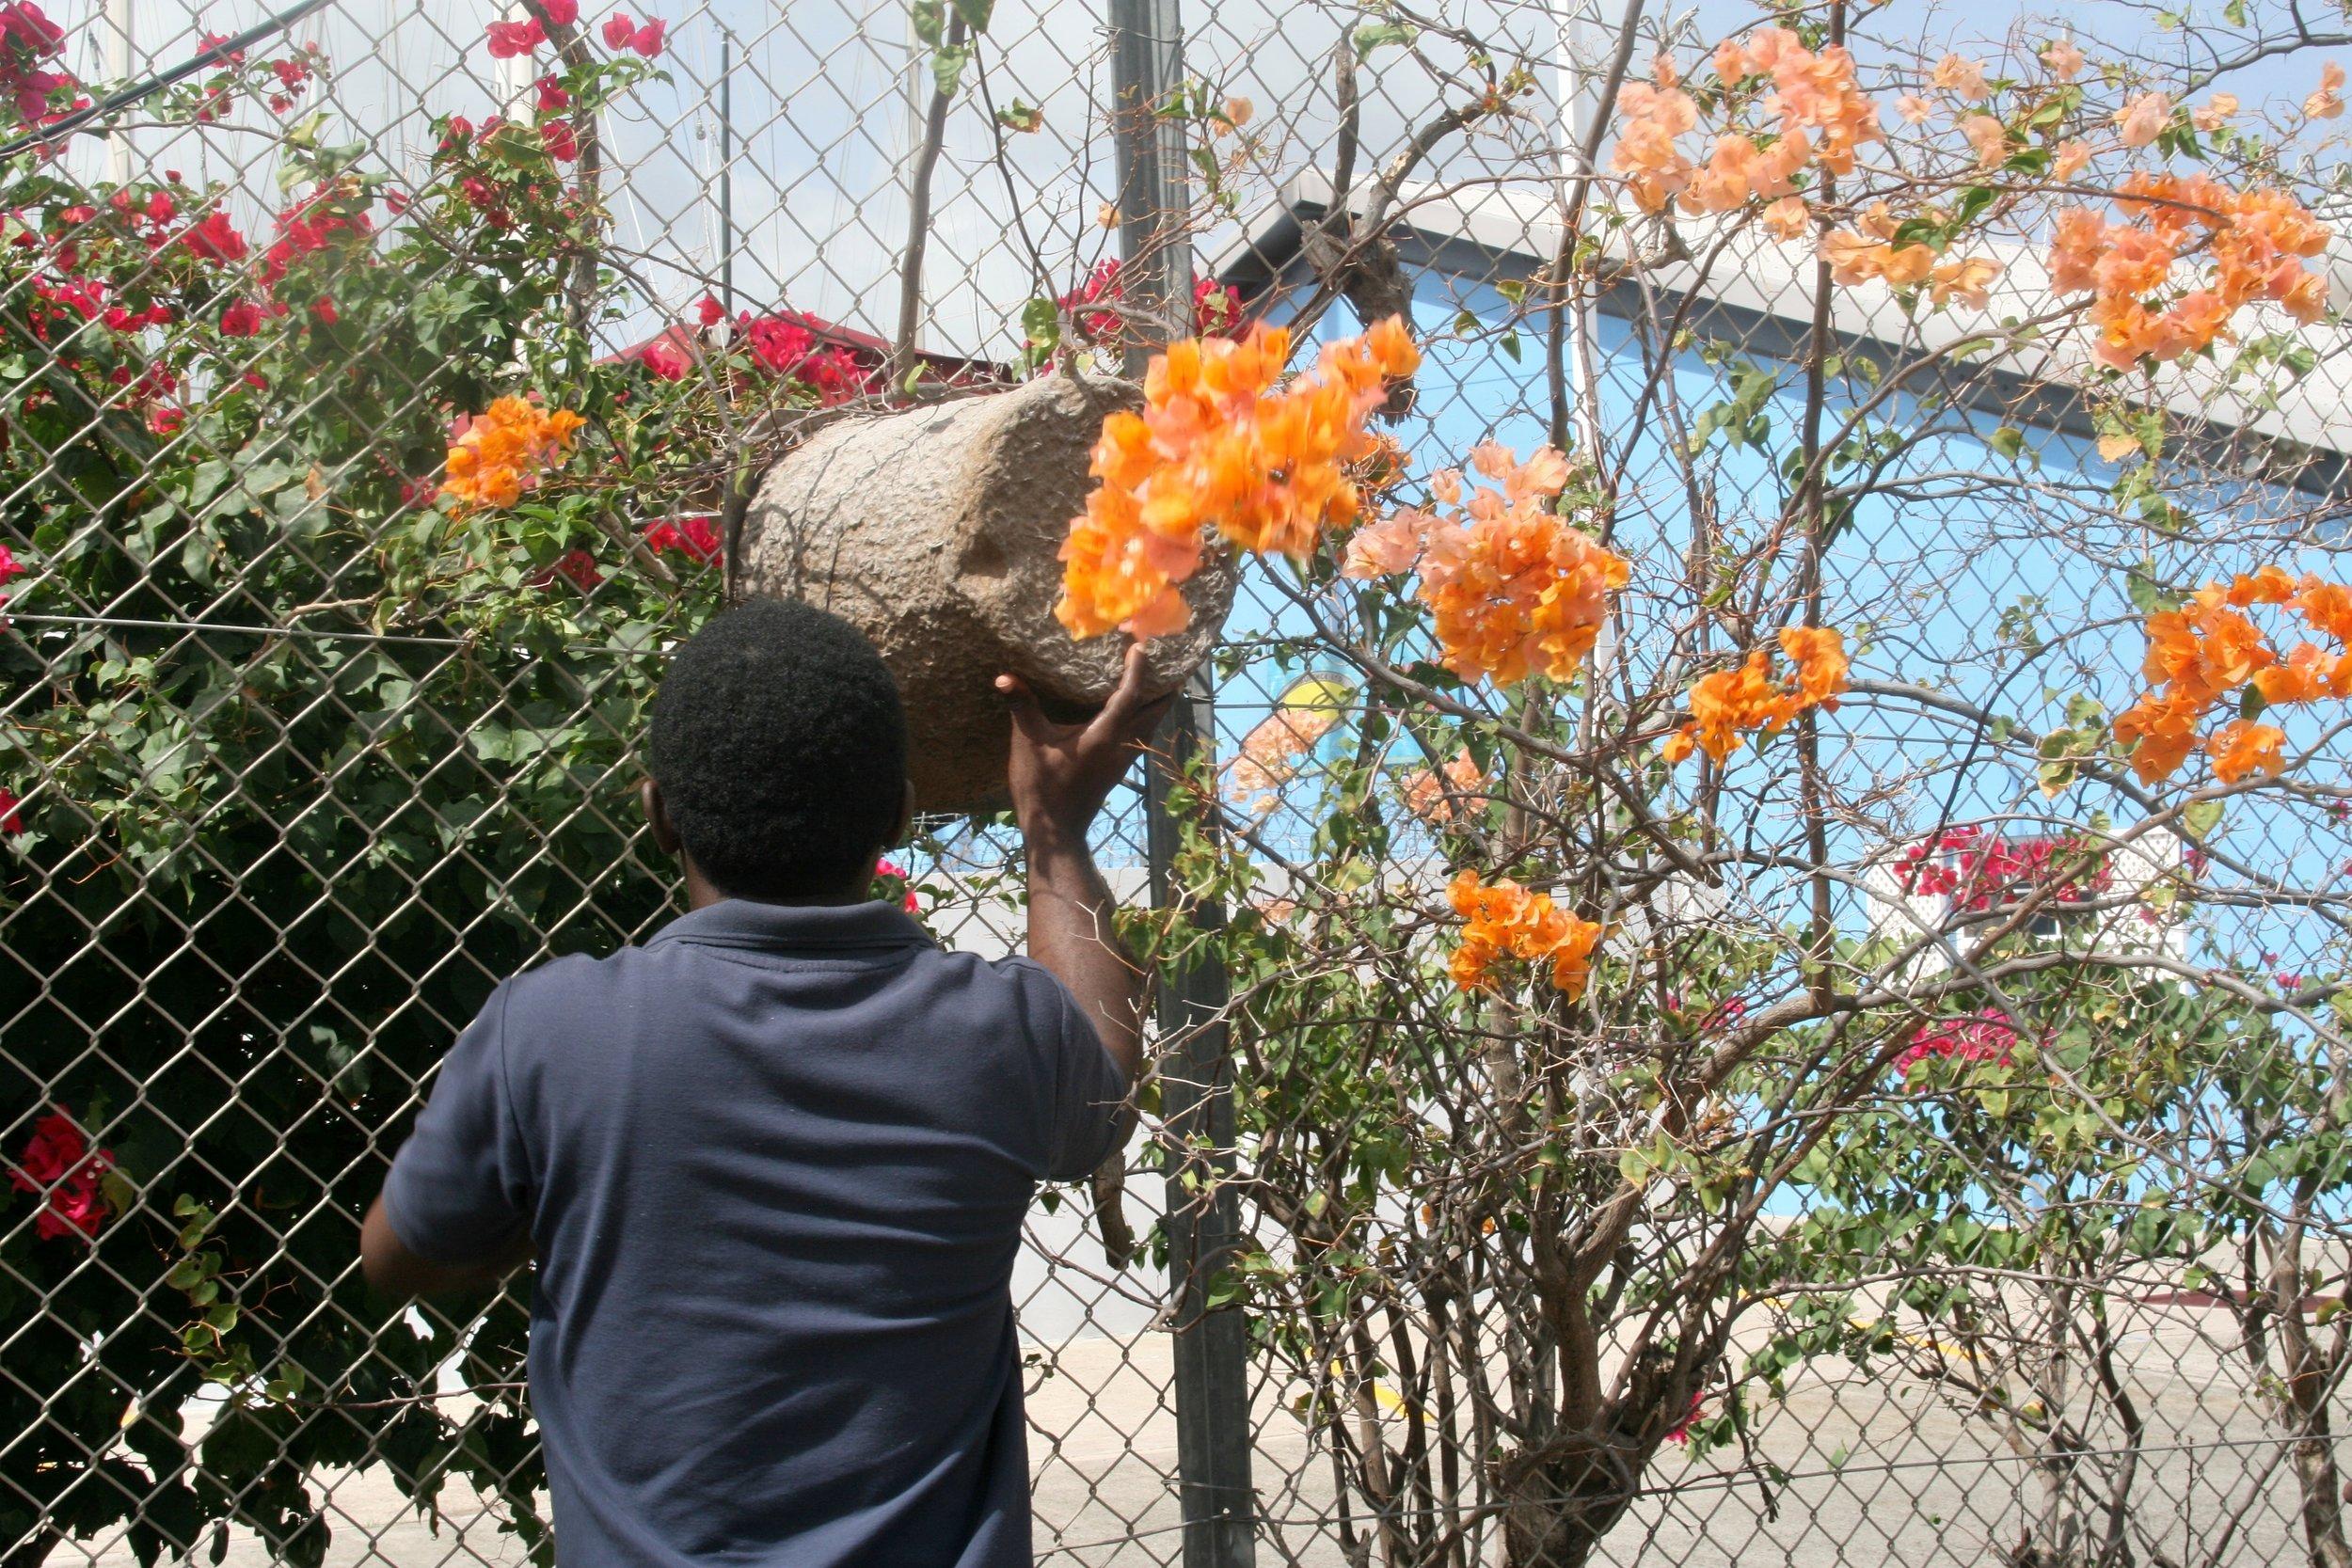 Grenada Dwayne Bait Hive Port.jpg